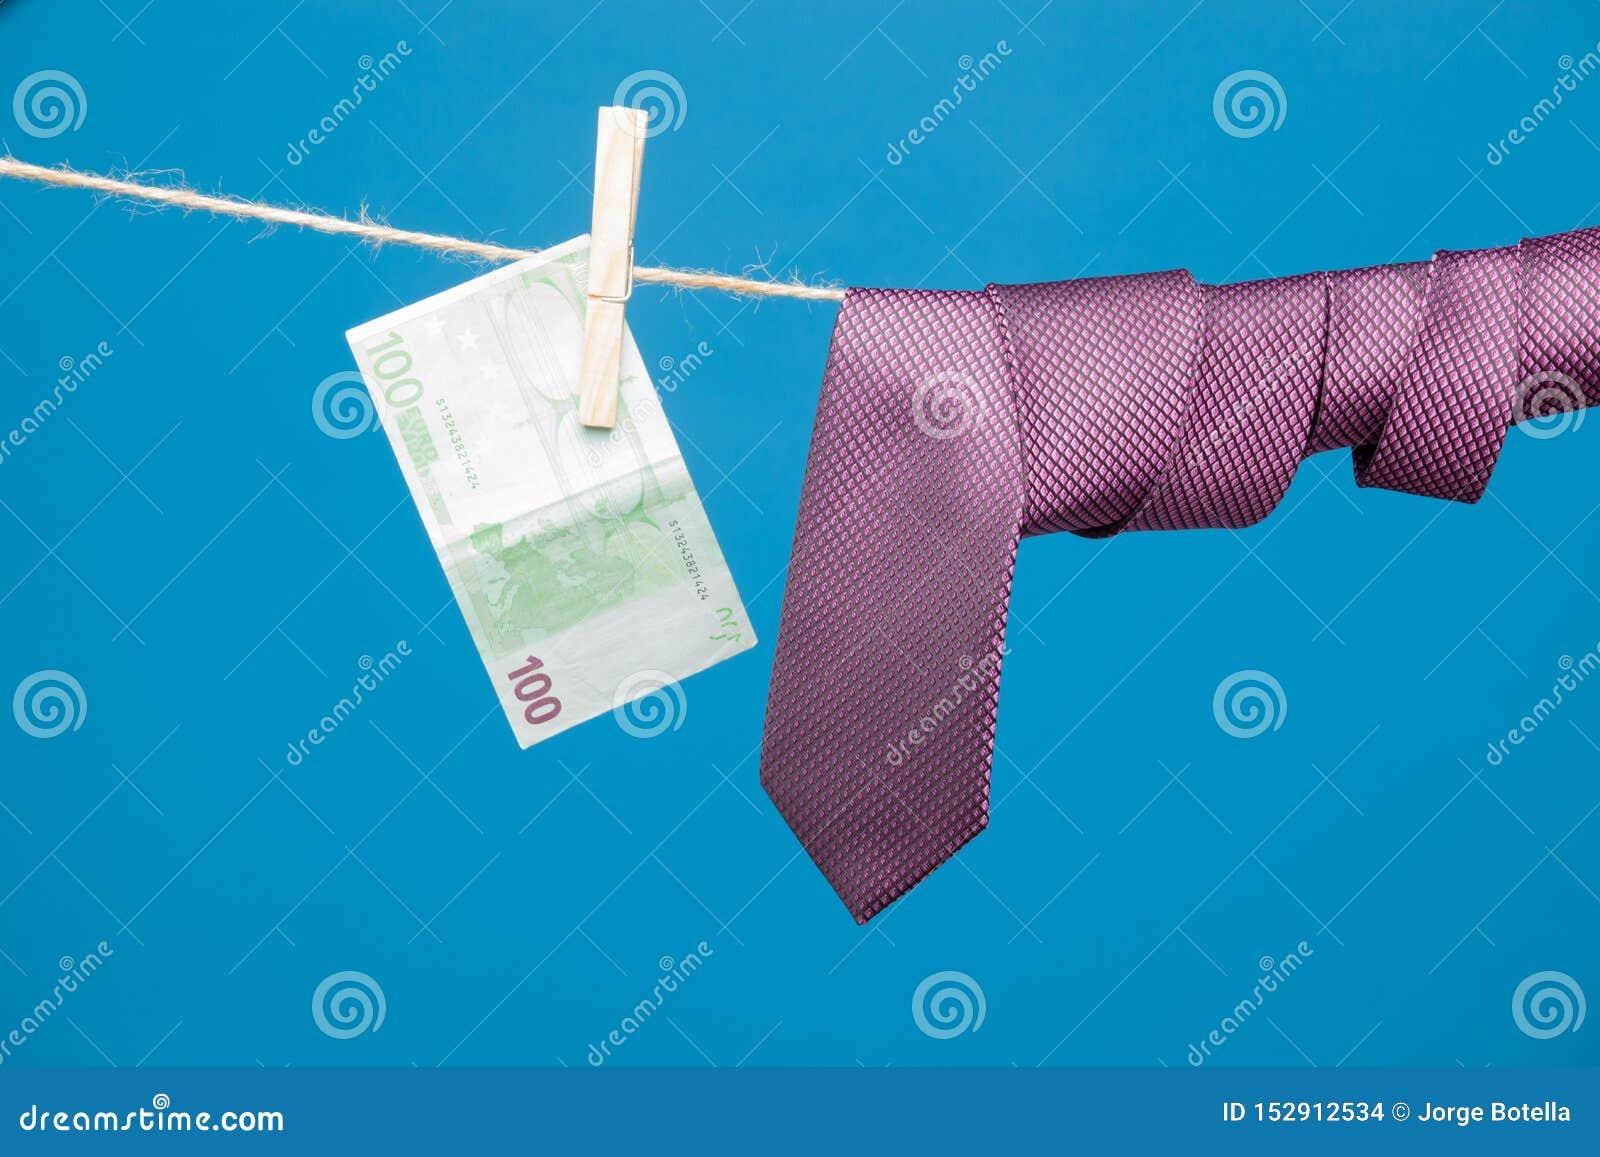 Λαβίδες, χρήματα και δεσμός με τον κόμβο, σε ένα σχοινί